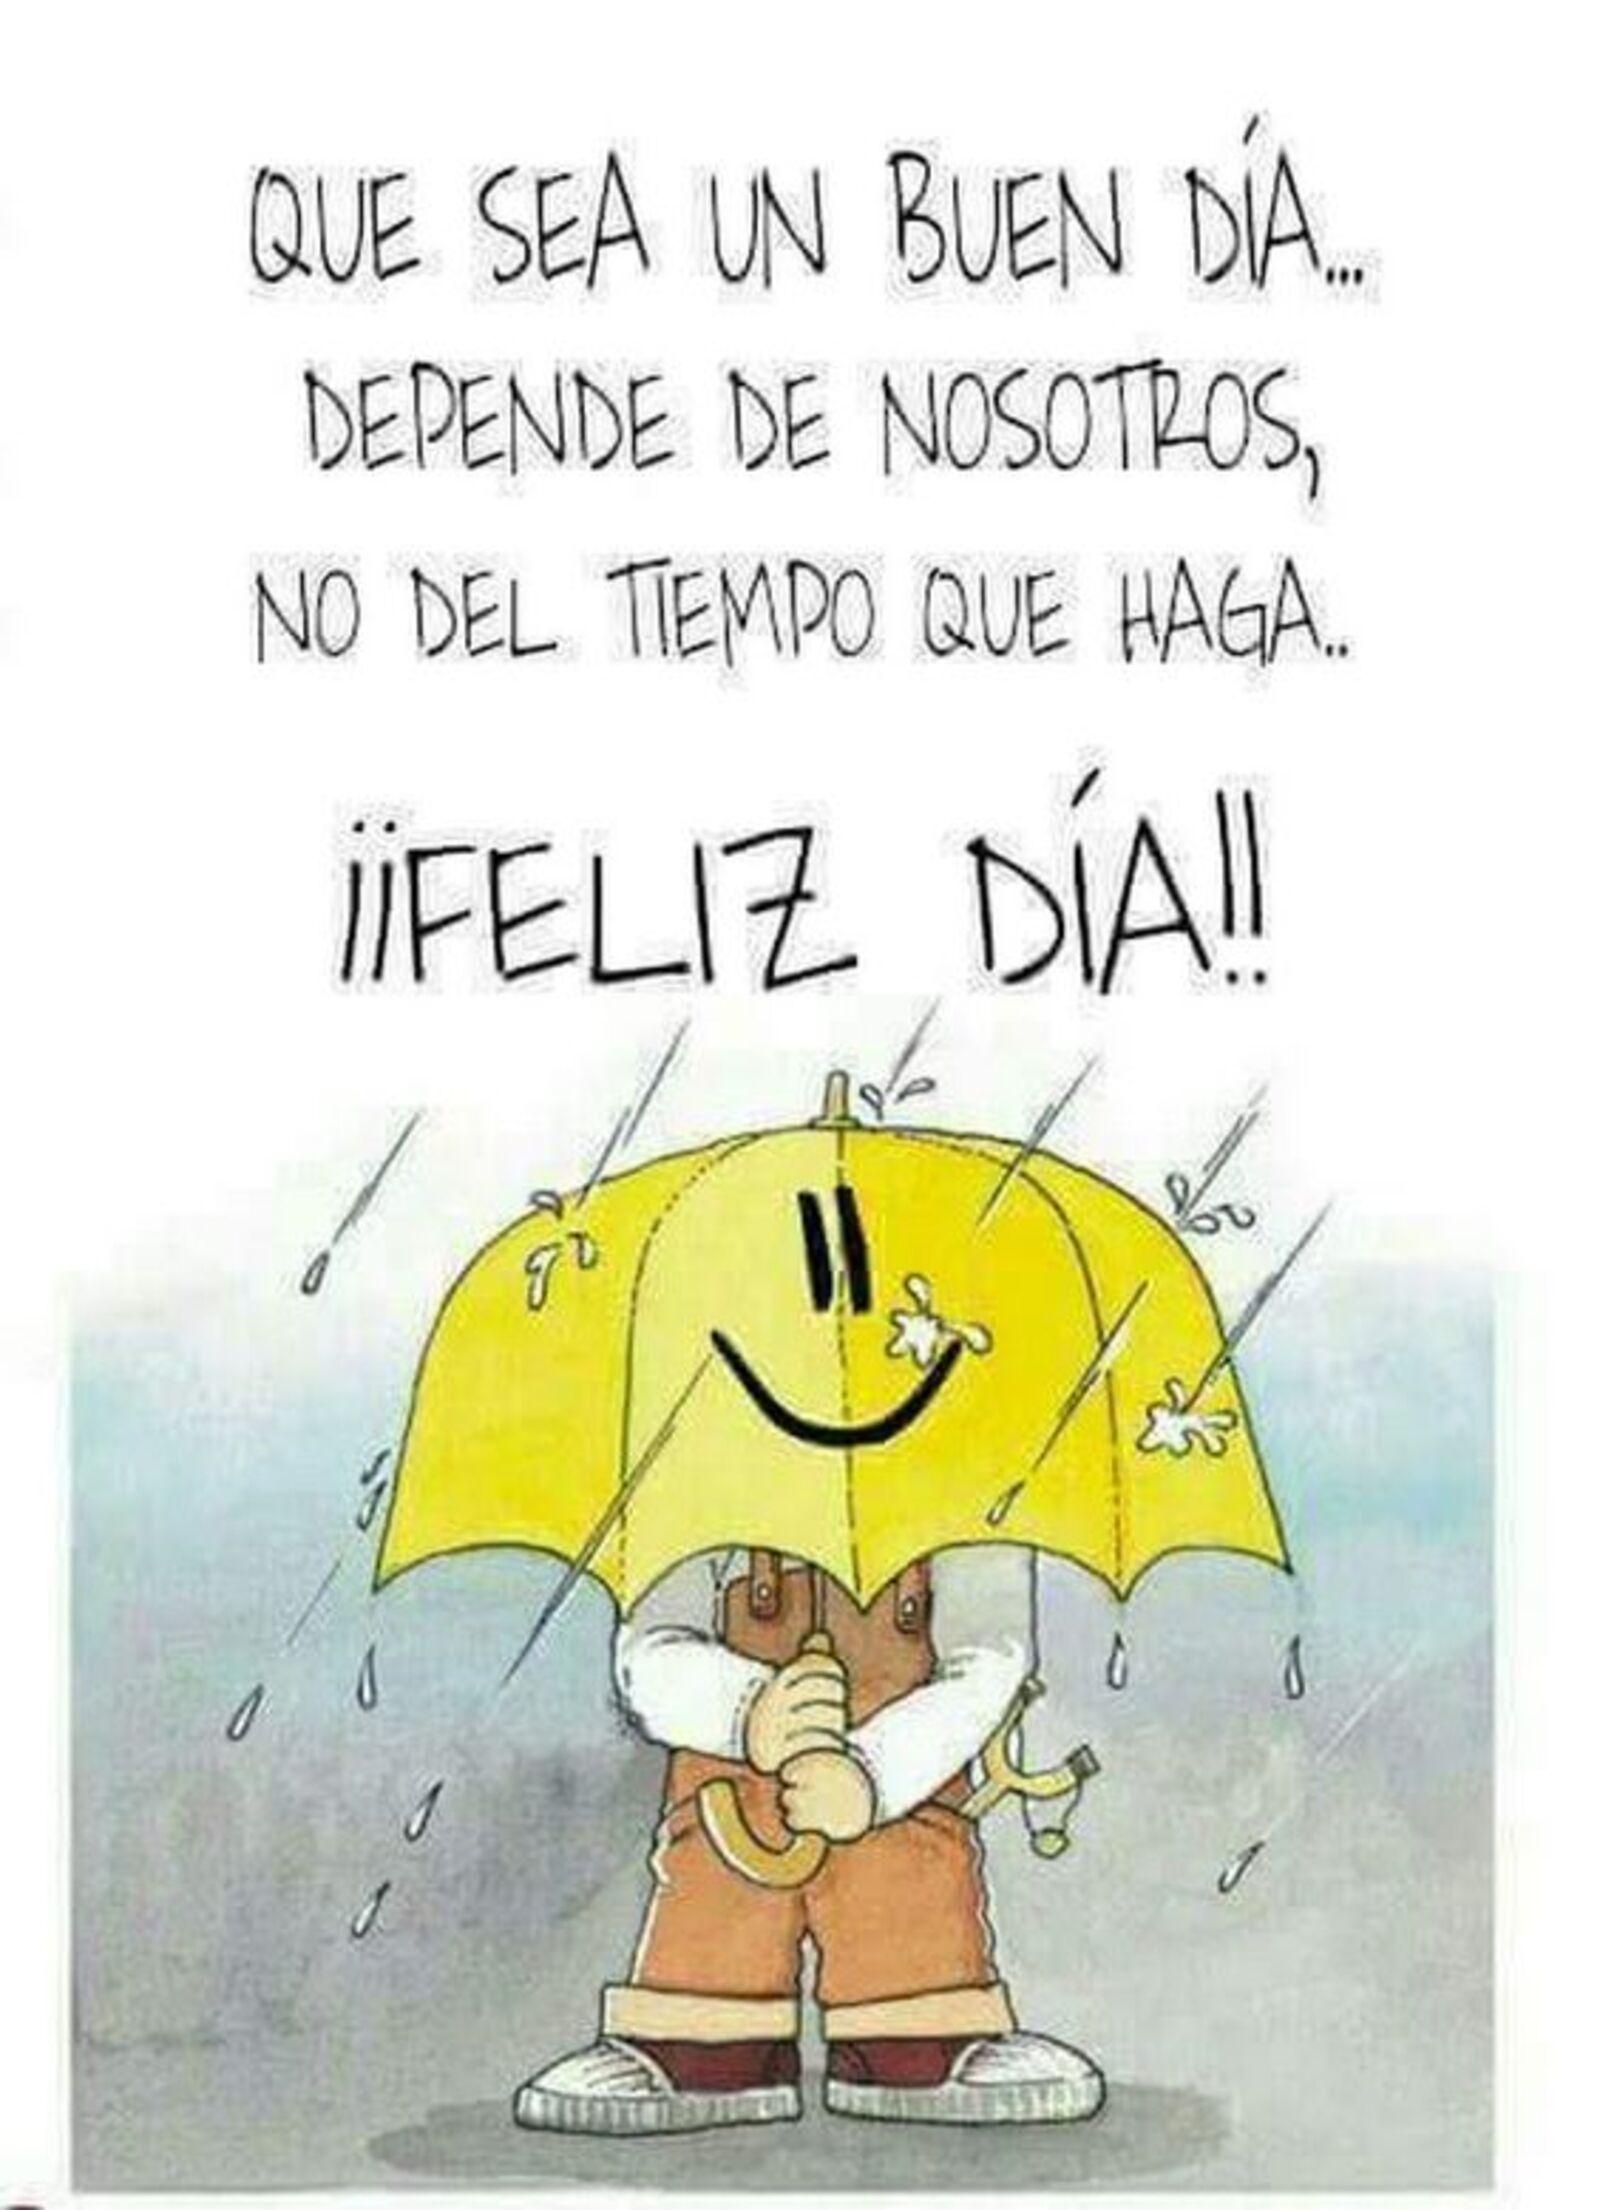 Que sea un buen día...depende de nosotros, no del tiempo que haga...feliz día